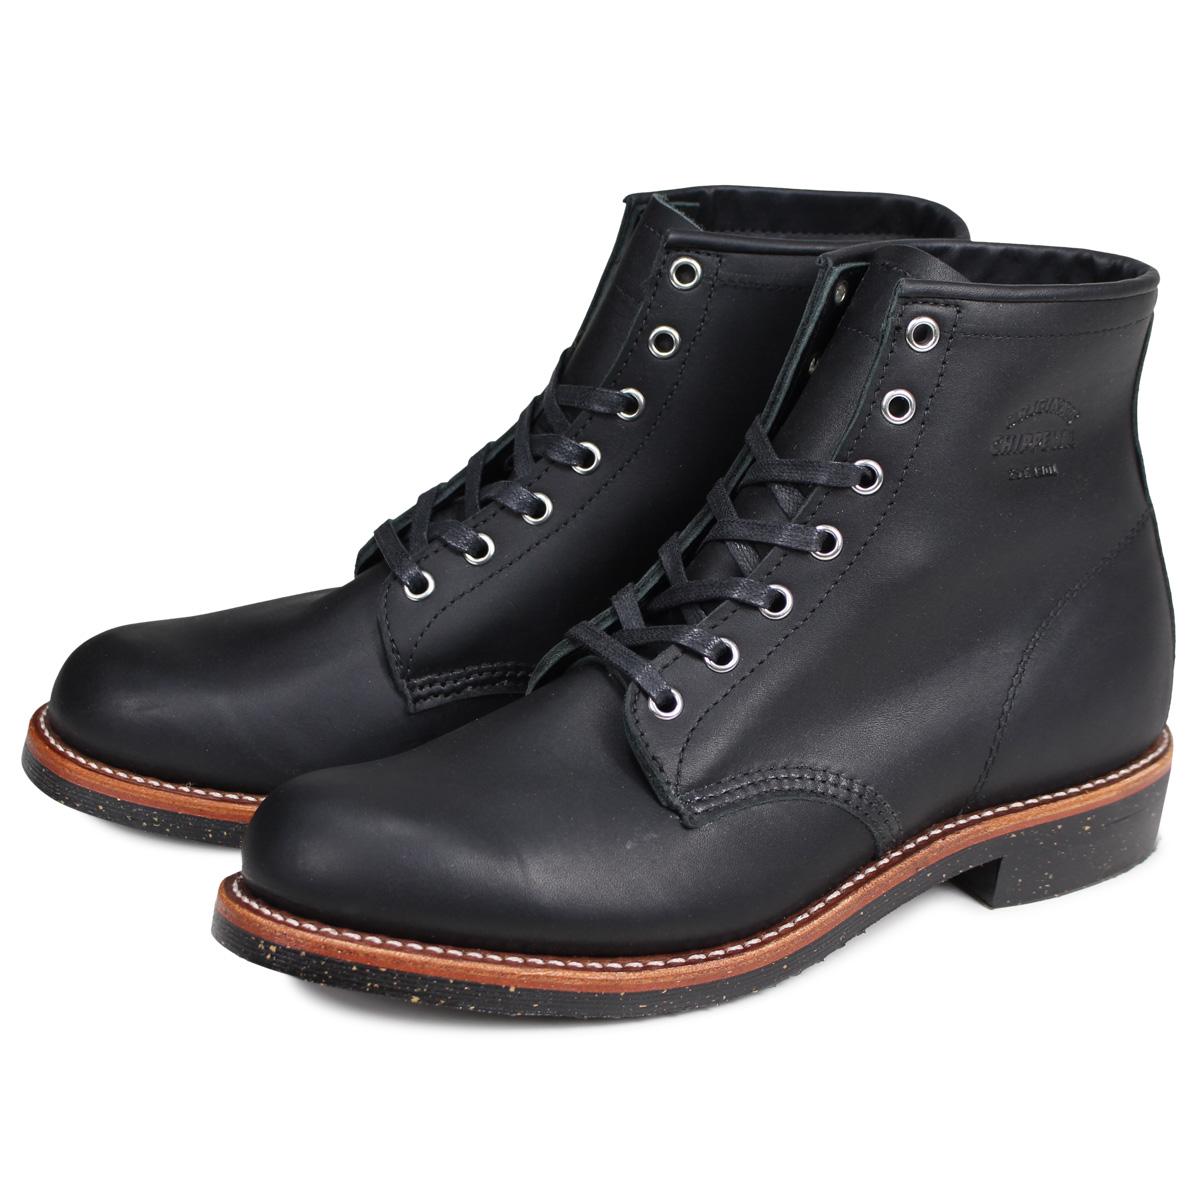 CHIPPEWA チペワ 6INCH SERVICE BOOT ブーツ 6インチ サービス ブーツ 1901M24 Dワイズ ブラック メンズ